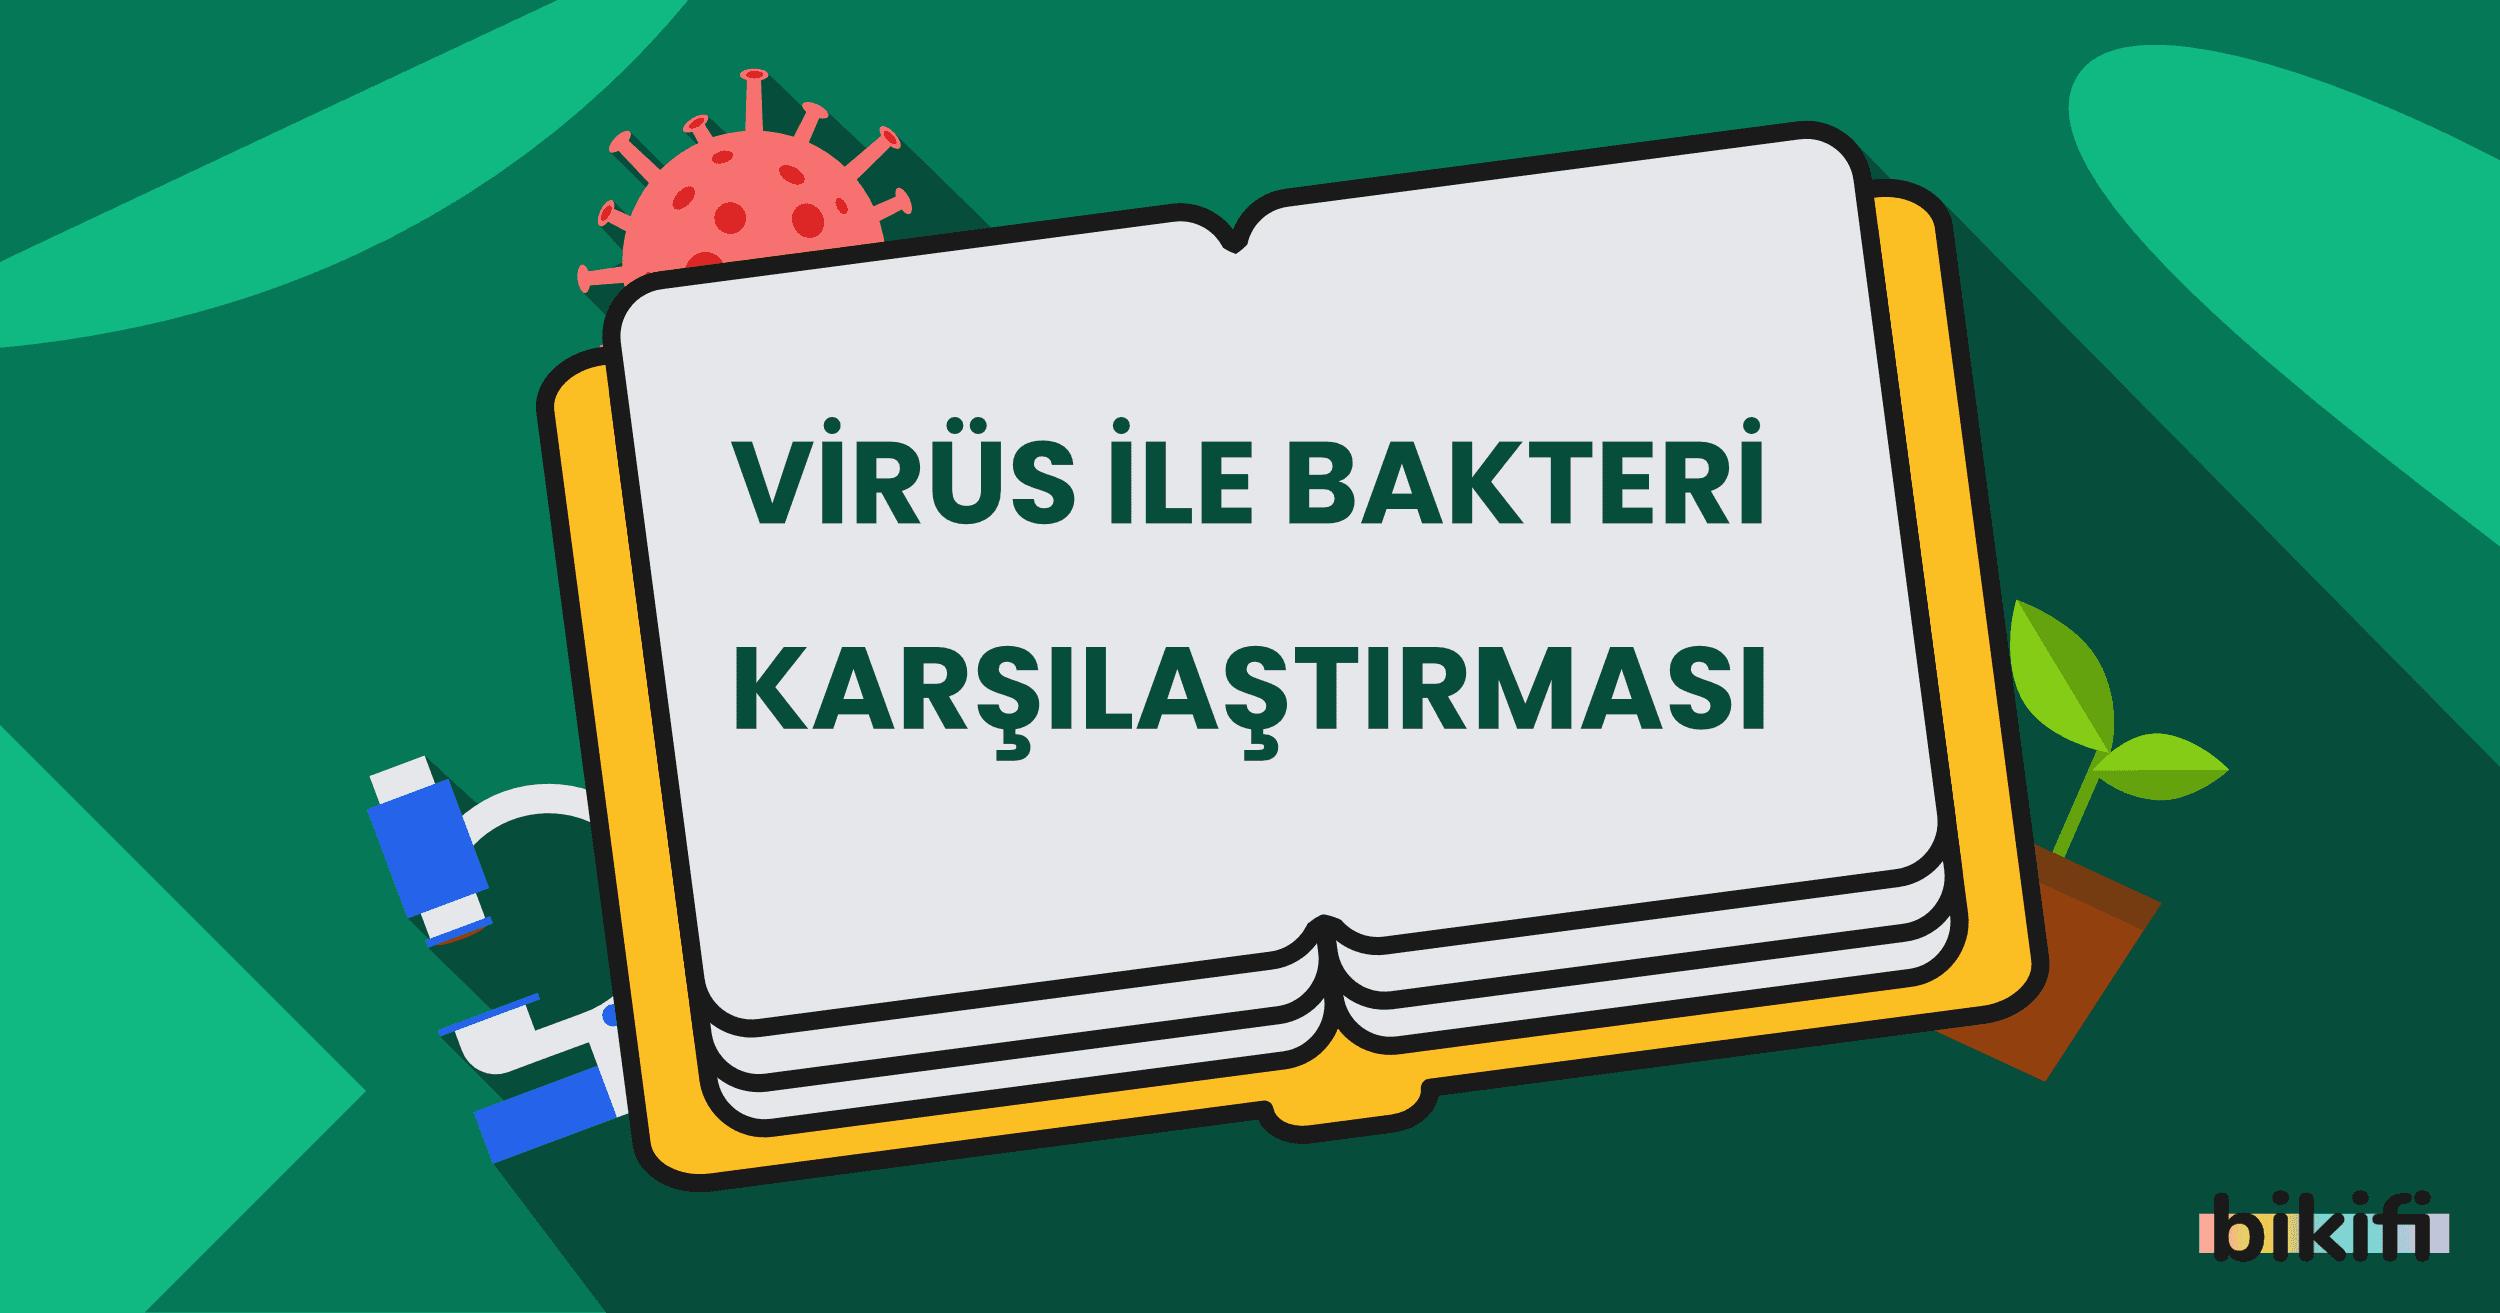 Virüs ile Bakteri Karşılaştırması